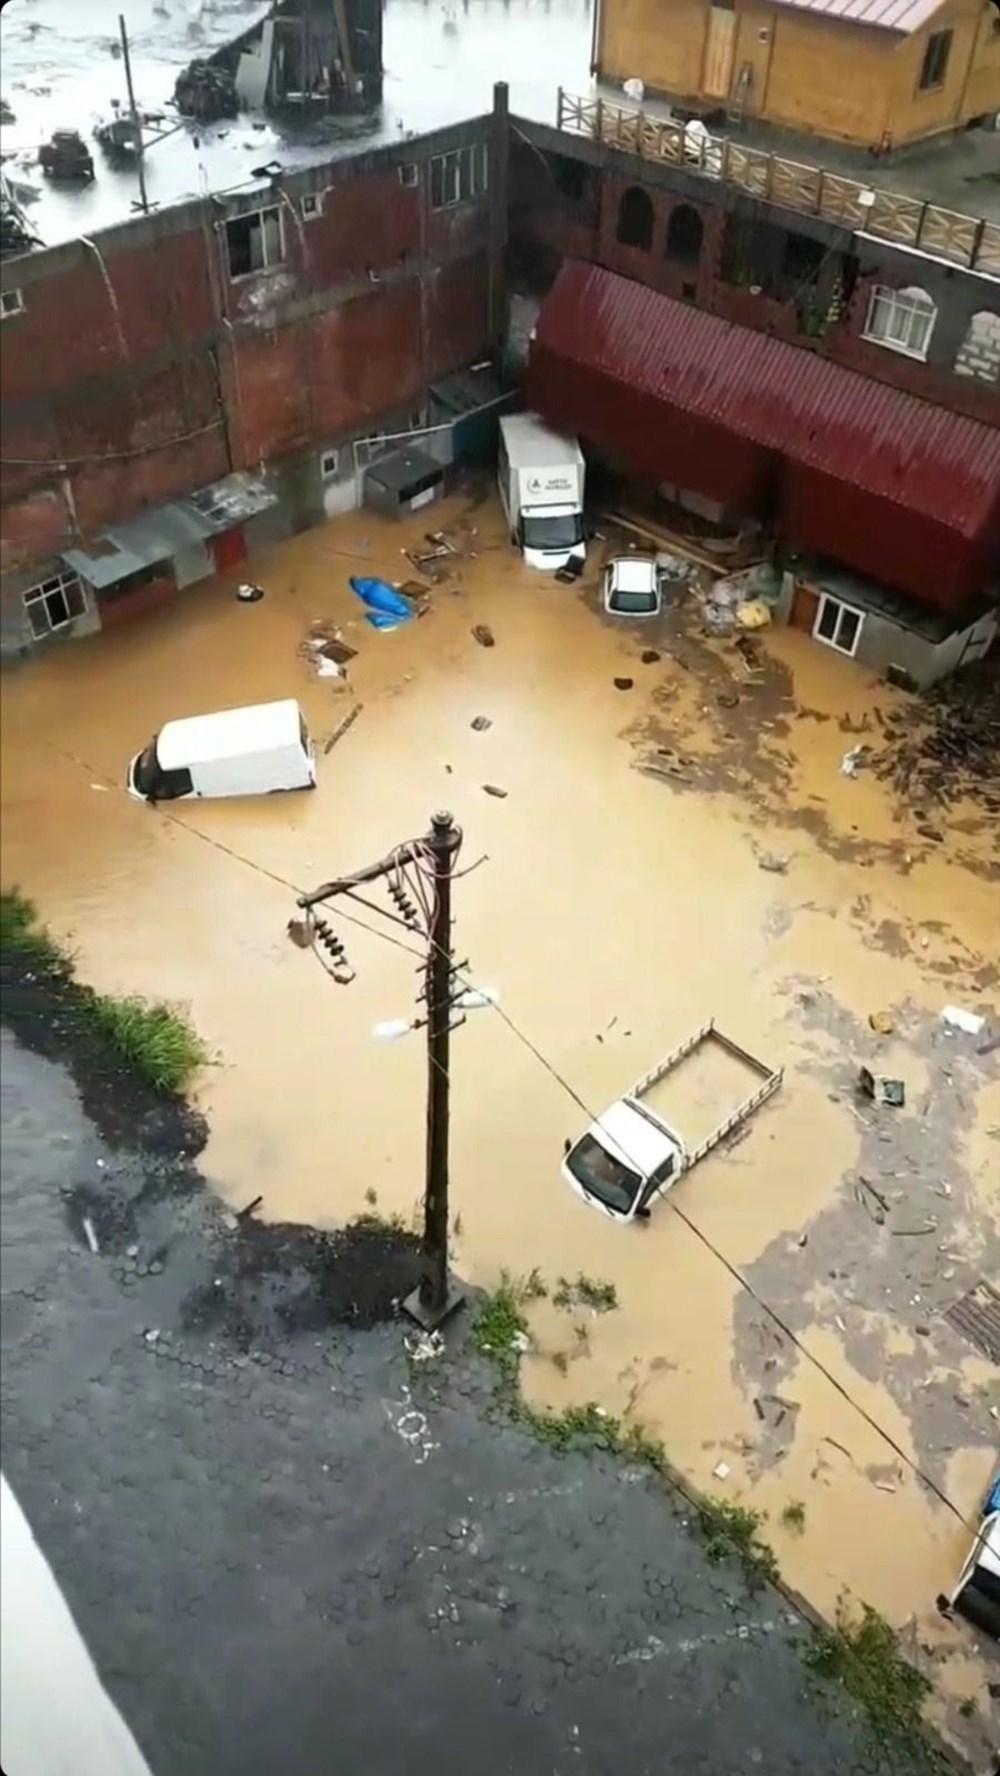 Şiddetli yağış Rize'yi de vurdu: 2 can kaybı - 7